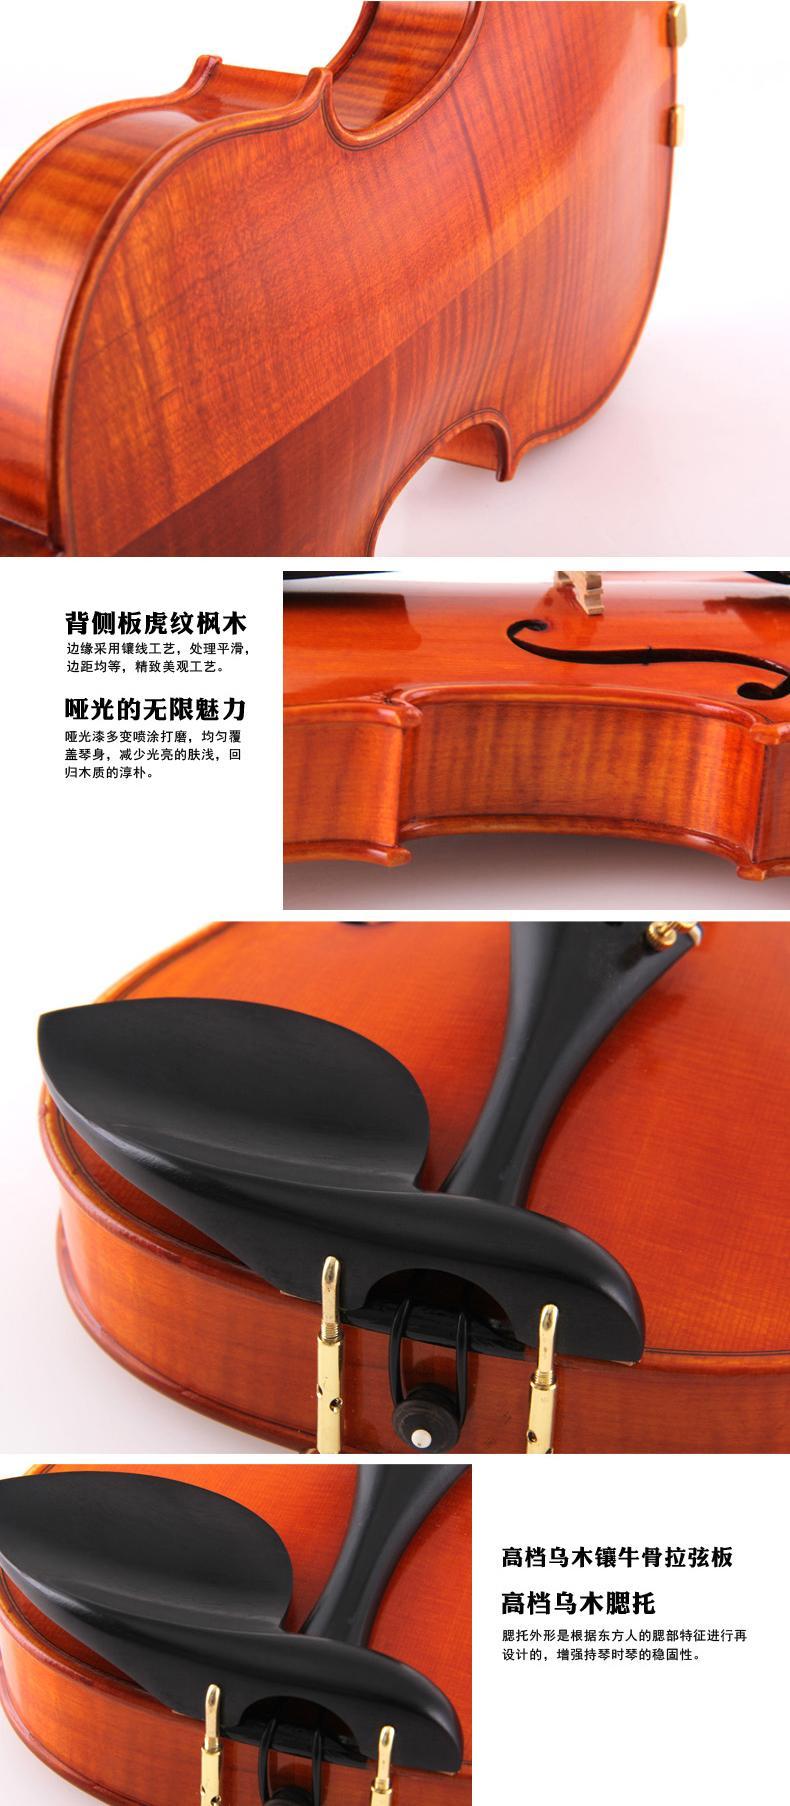 JYVL-S498 High grade solo violin 12